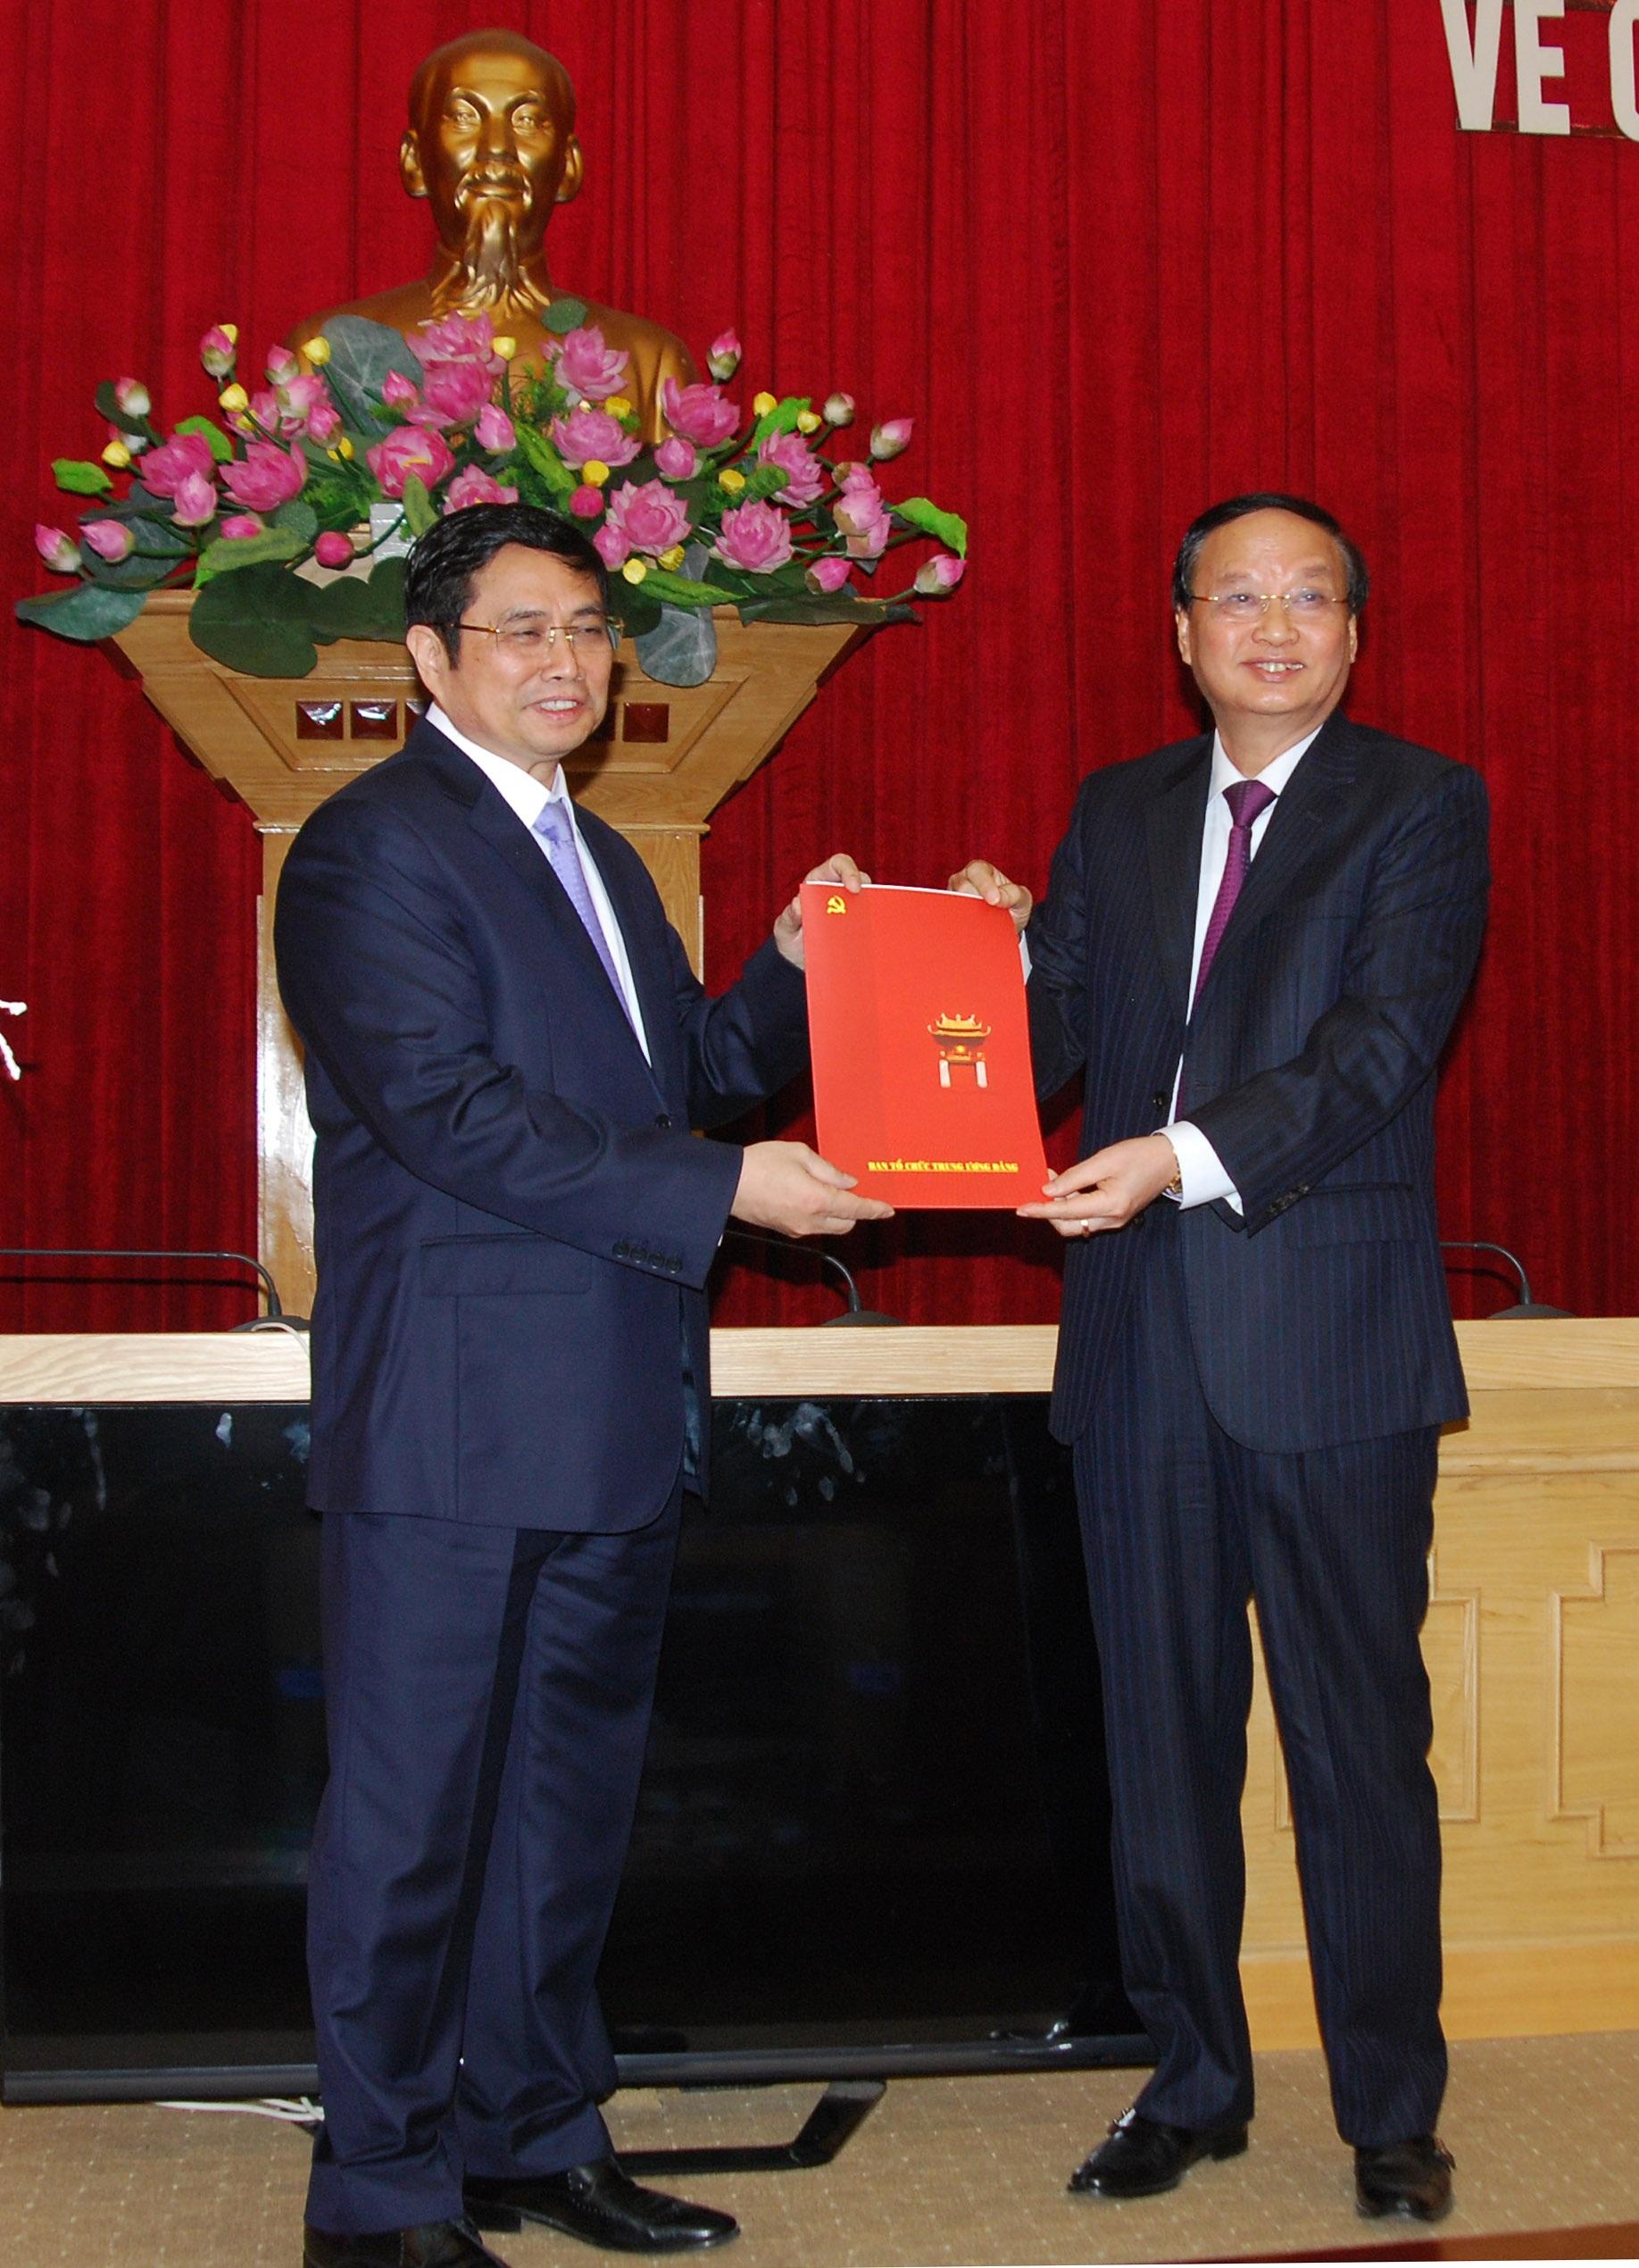 Ông Tô Huy Rứa trưởng ban tổ chức Trung ương trao quyết định bổ nhiệm mới cho ông Phạm Minh Chính